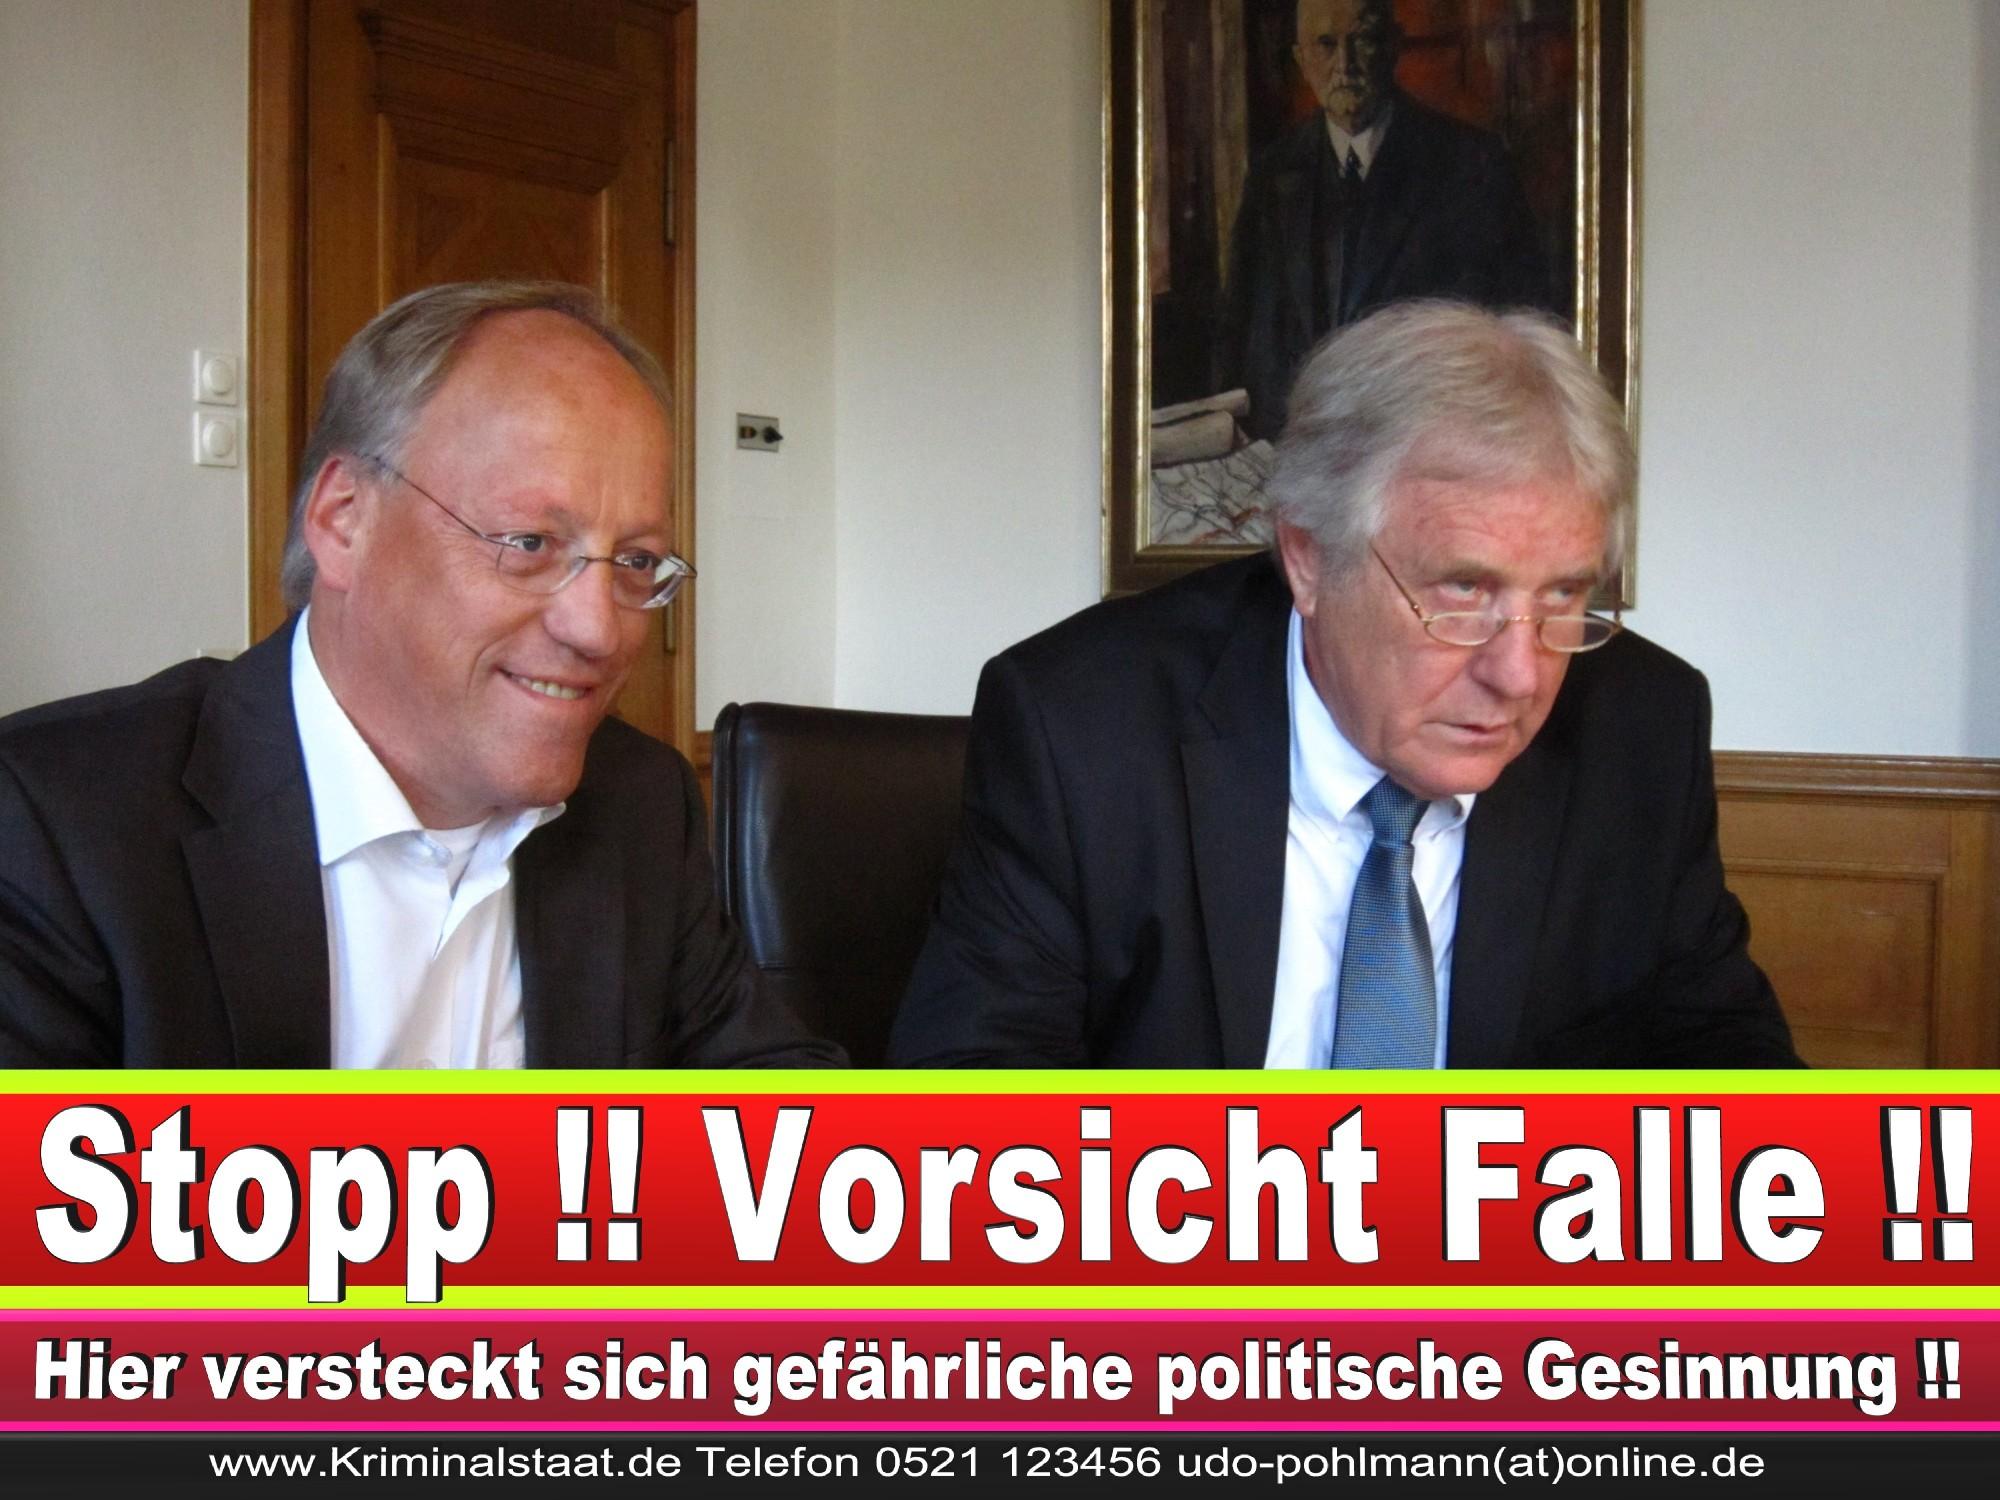 Polizeipräsident Erwin Südfeld Bielefeld Oberbürgermeister Bürgermeister Peter Clausen Pit Clausen Bielefeld (61)